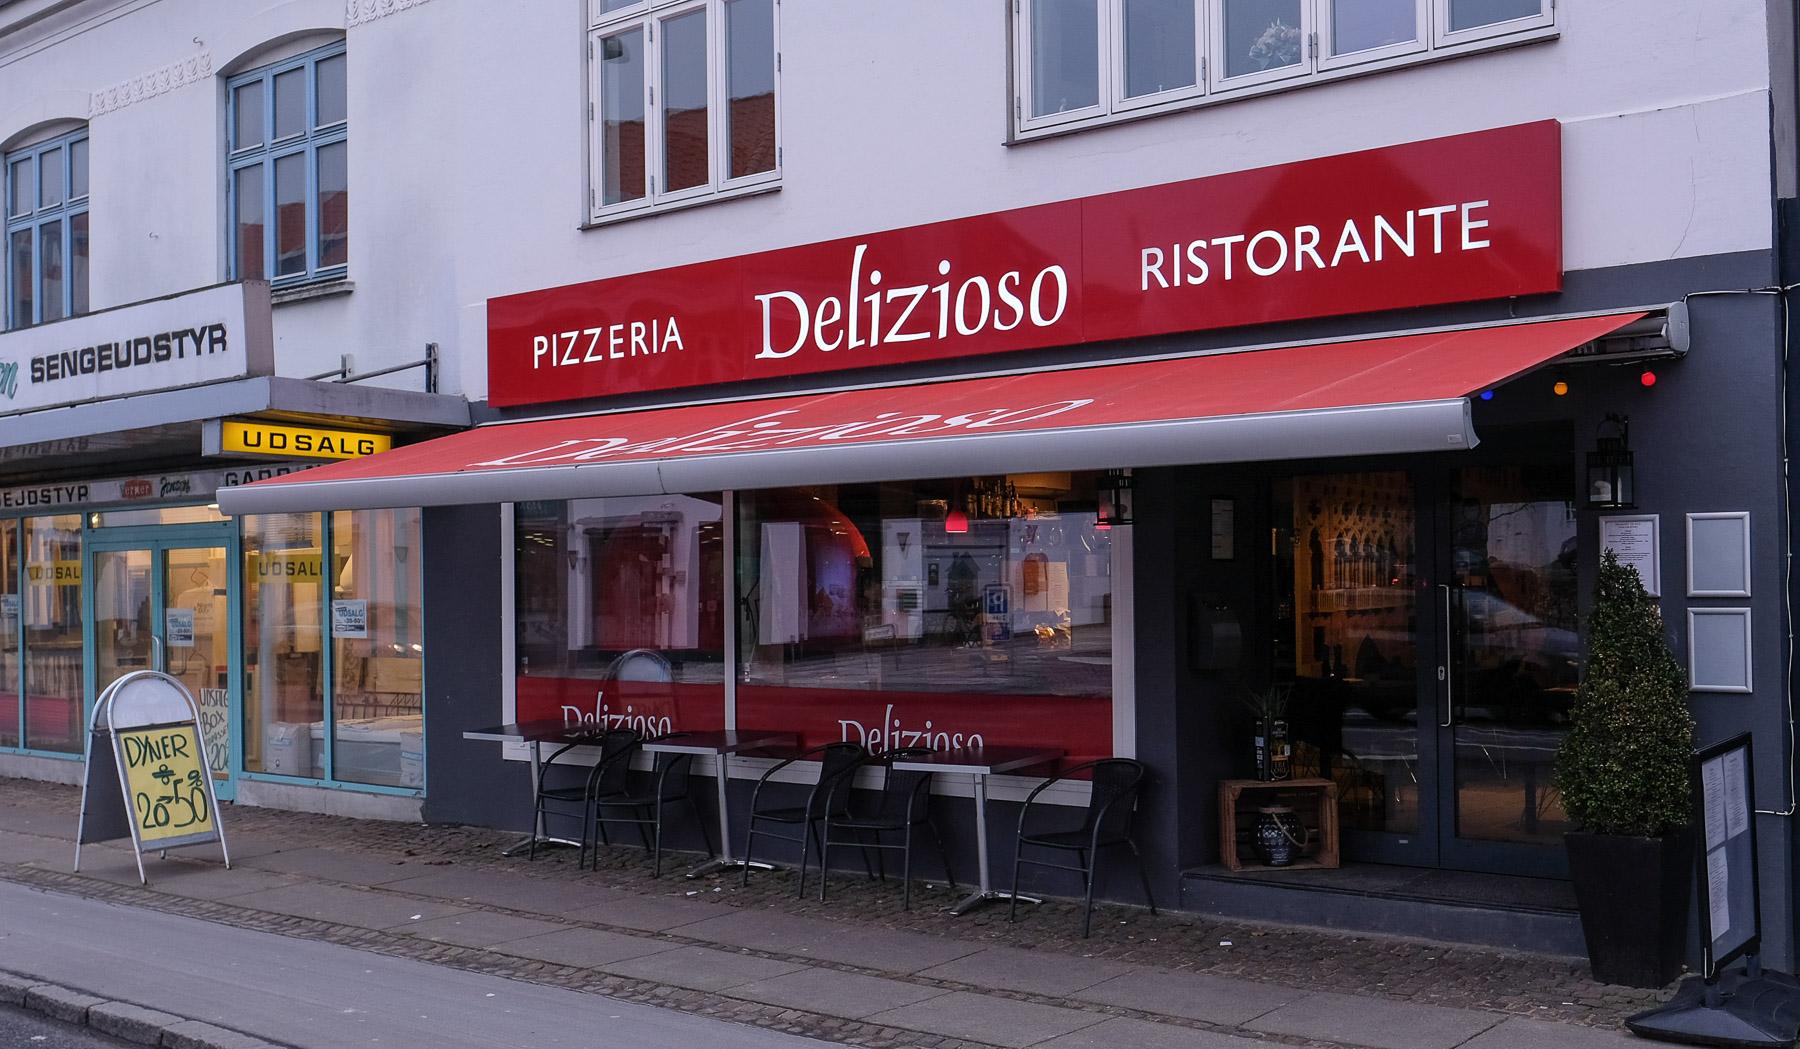 Drop turen til Italien: Delizioso i Åbyhøj er pastaelskerens mekka